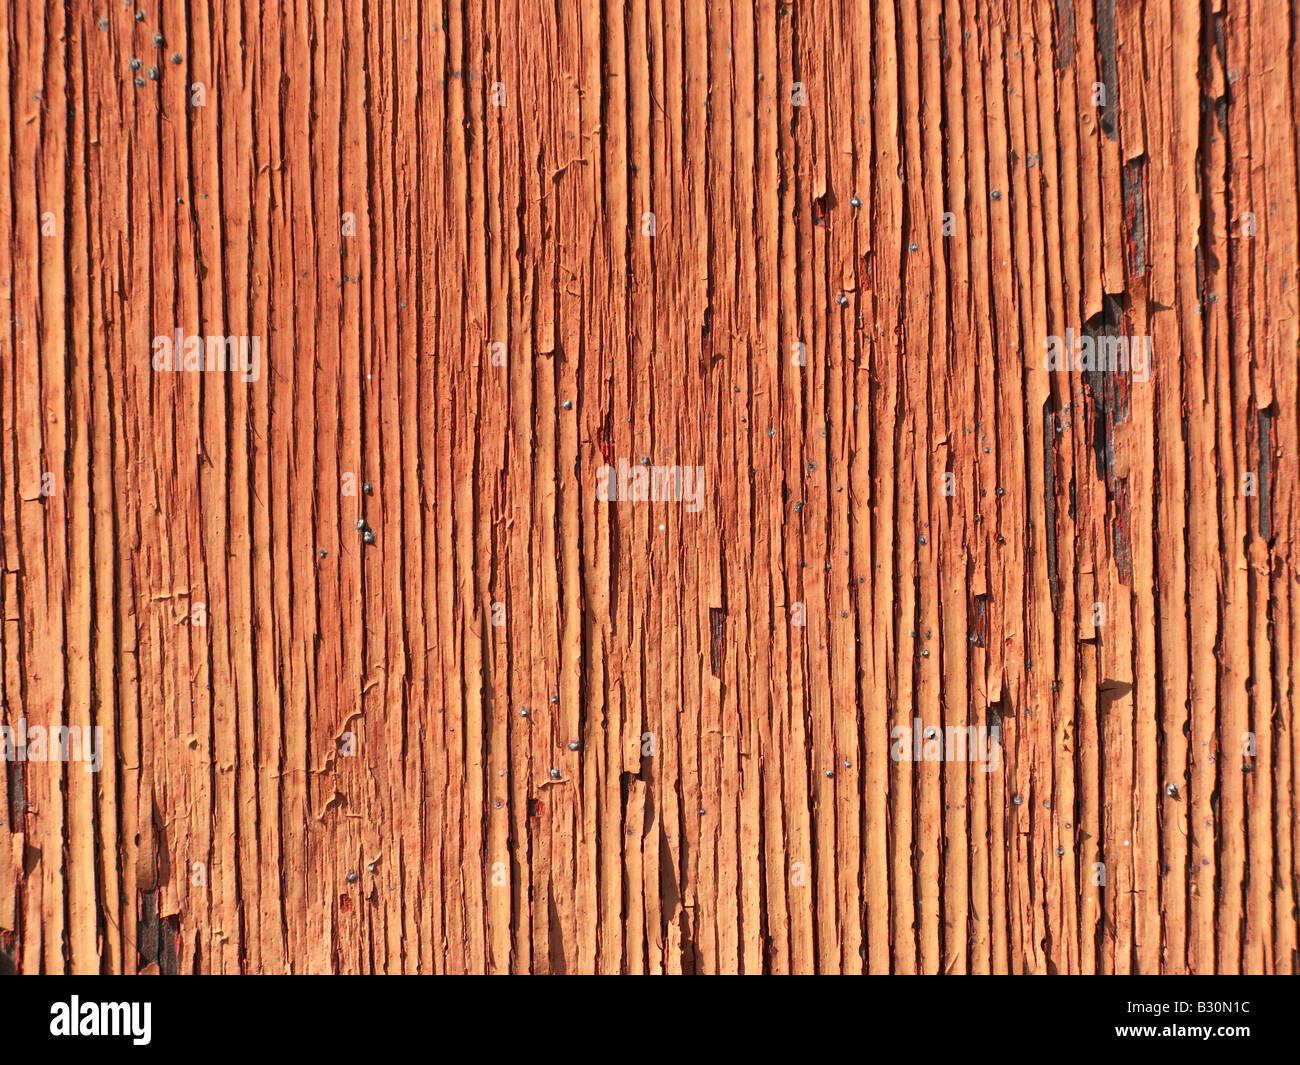 Resumen Antecedentes La textura de la superficie de cierre Foto de stock